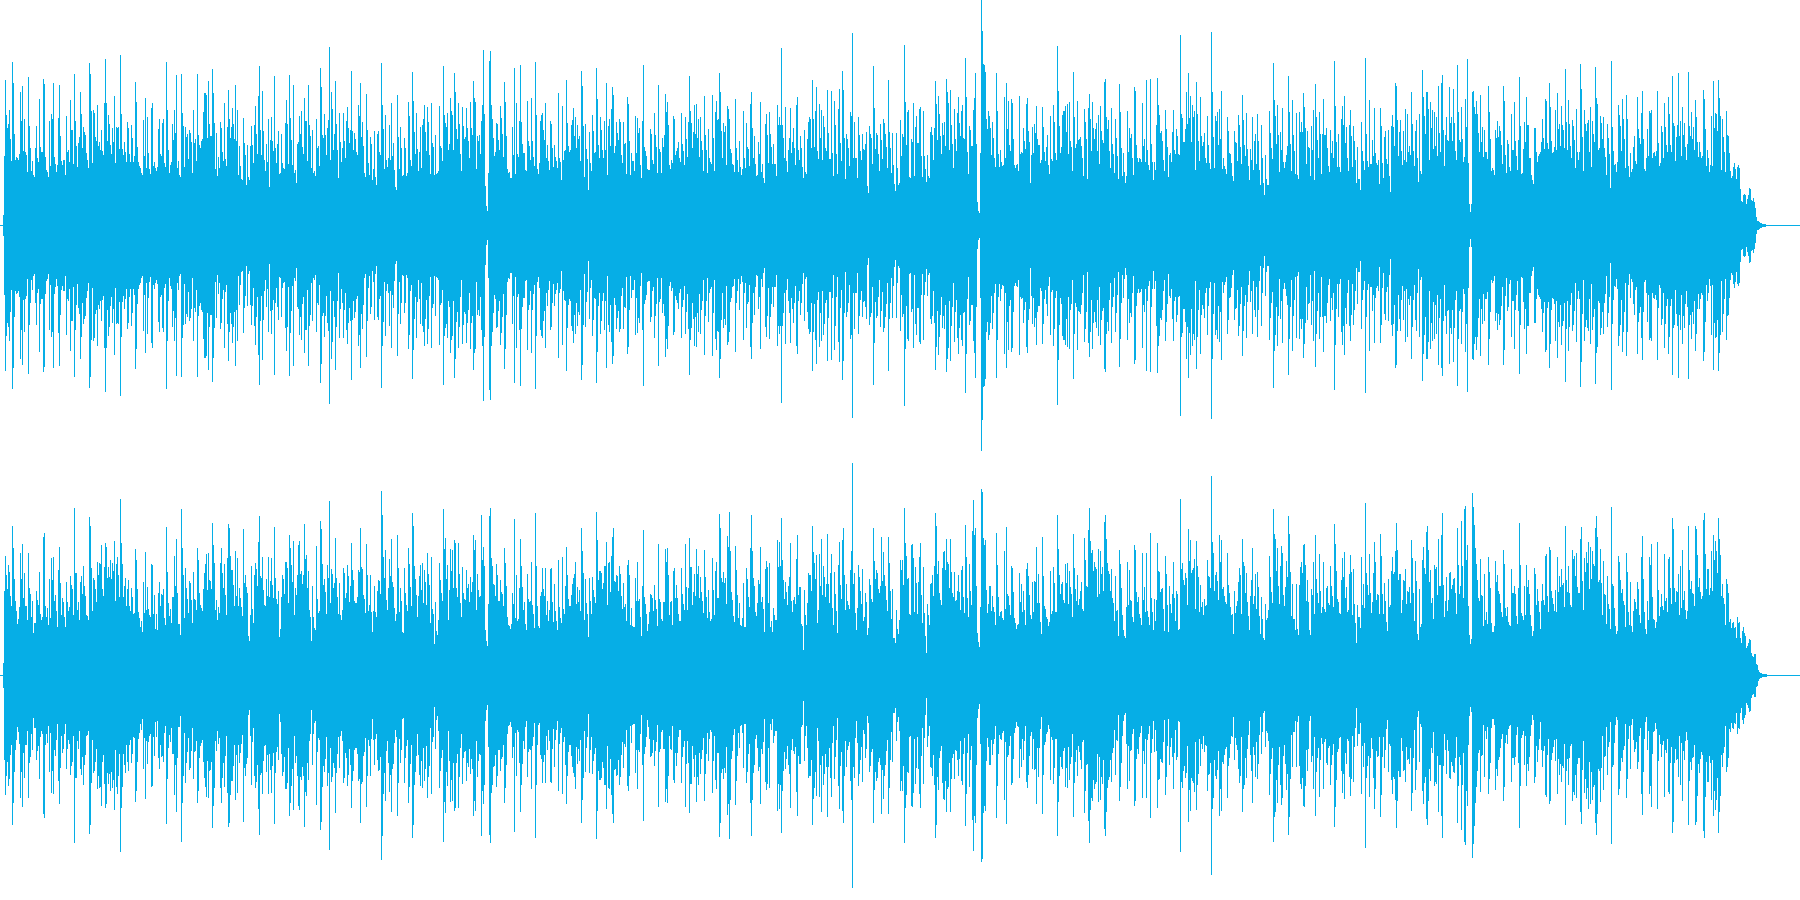 クリスマス ジングルベル かわいいレゲエの再生済みの波形